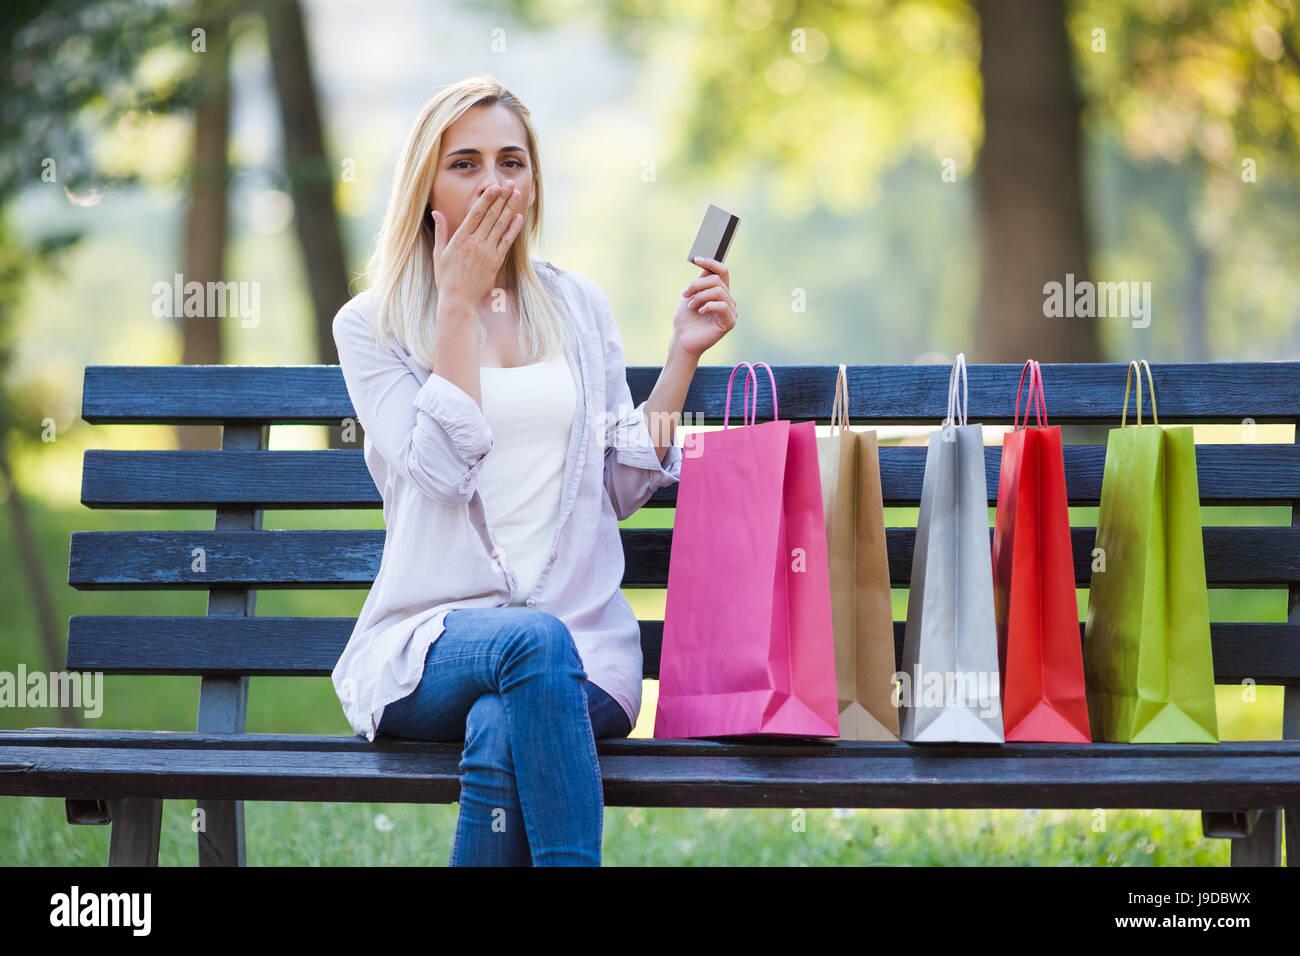 Mujer joven está sentado en el parque después de ir de compras. Ella está nerviosa porque ha gastado Imagen De Stock